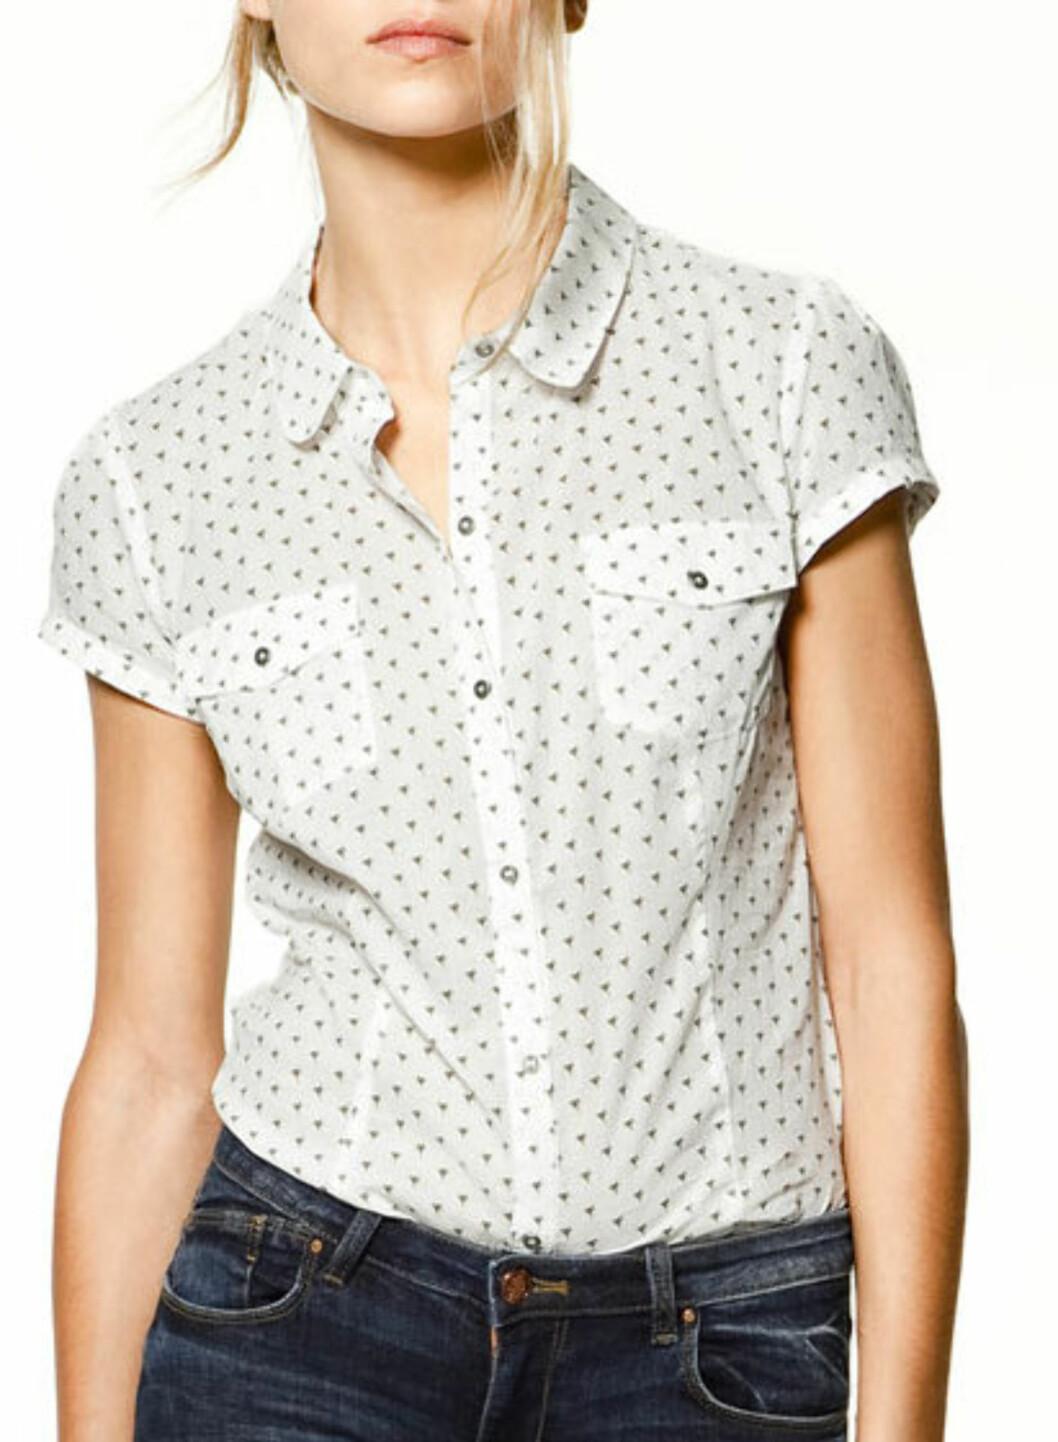 Bluse med lommer og små kolibrier (kr.279/Zara TRF). Foto: Produsenten